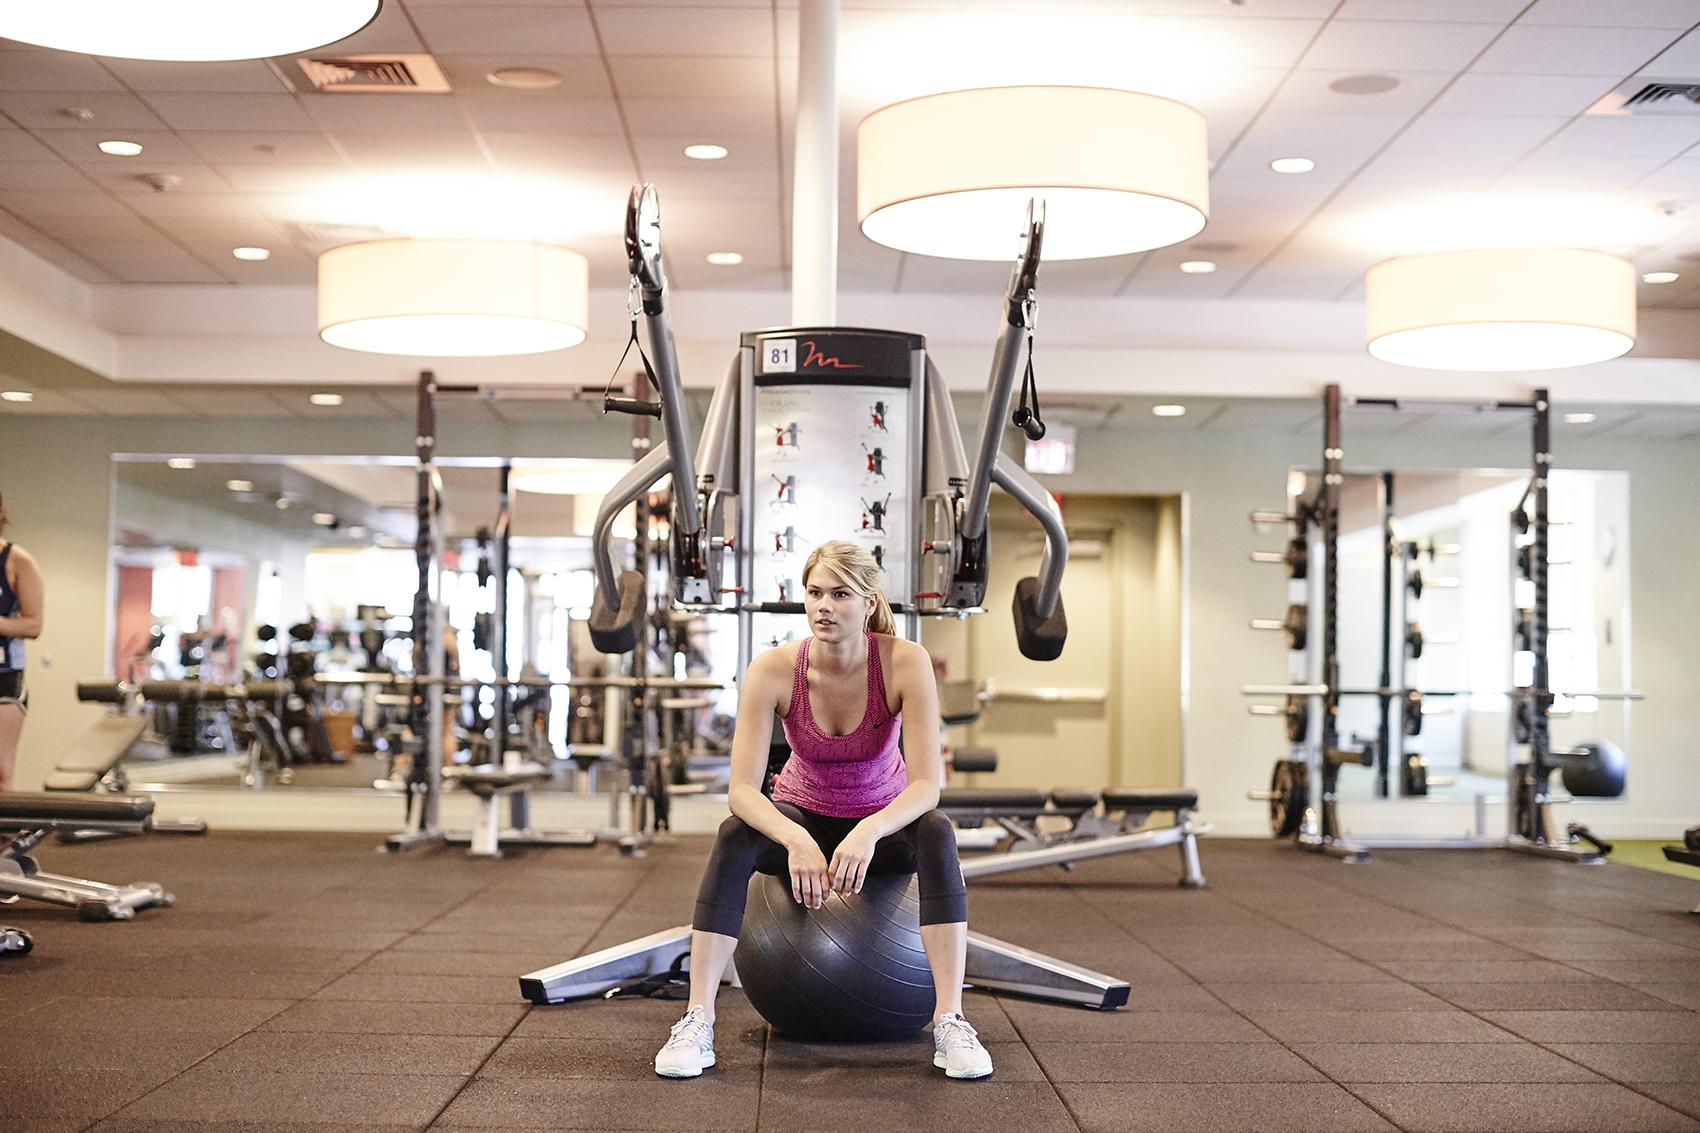 4 Essentials for Your Gym Bag